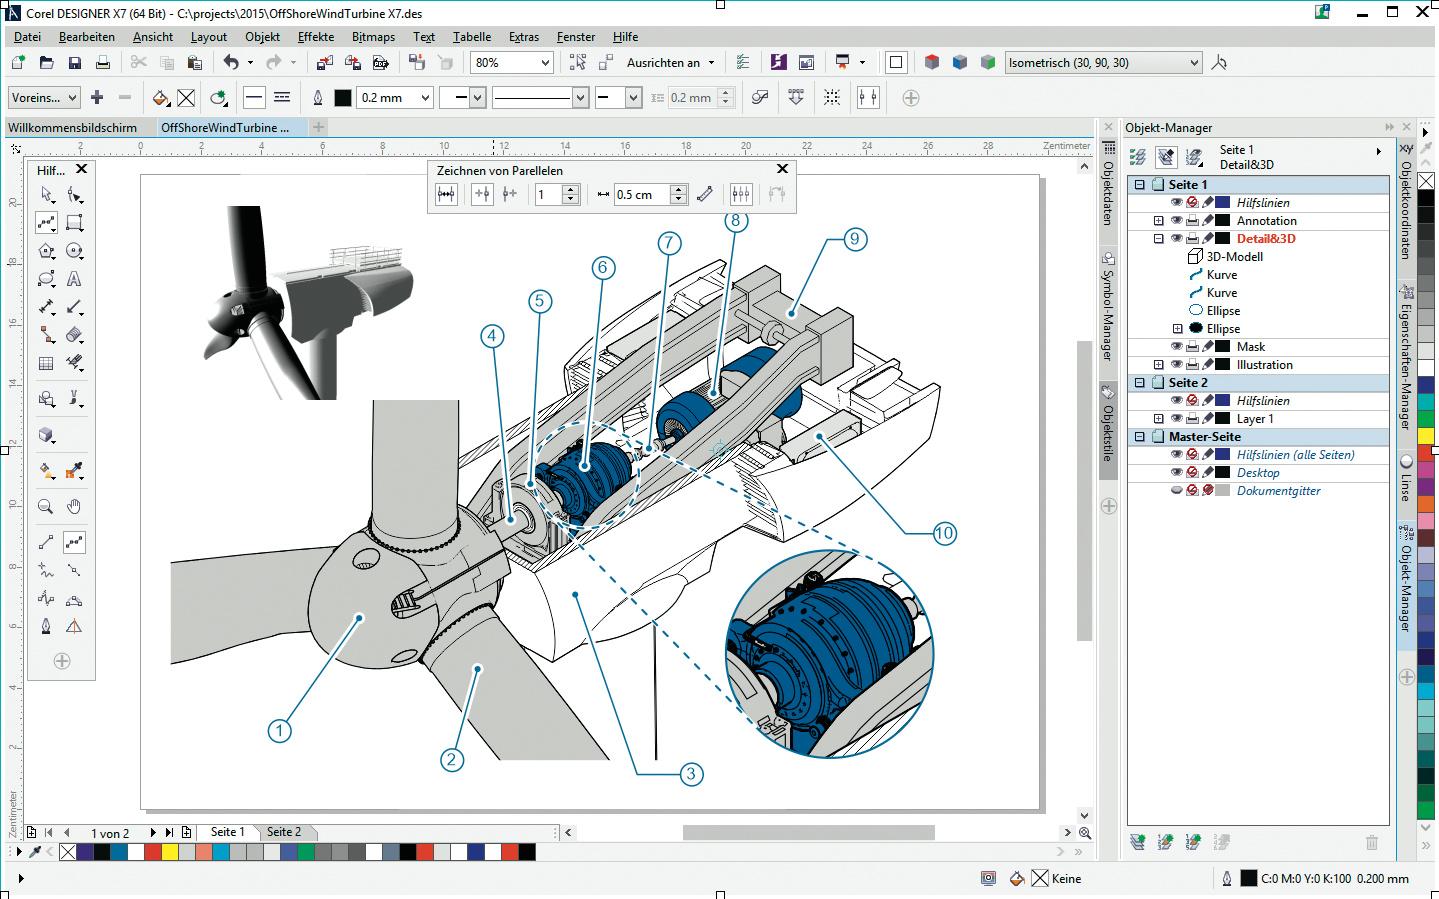 Berühmt Design Zeichenprogramm Bilder - Elektrische Schaltplan-Ideen ...